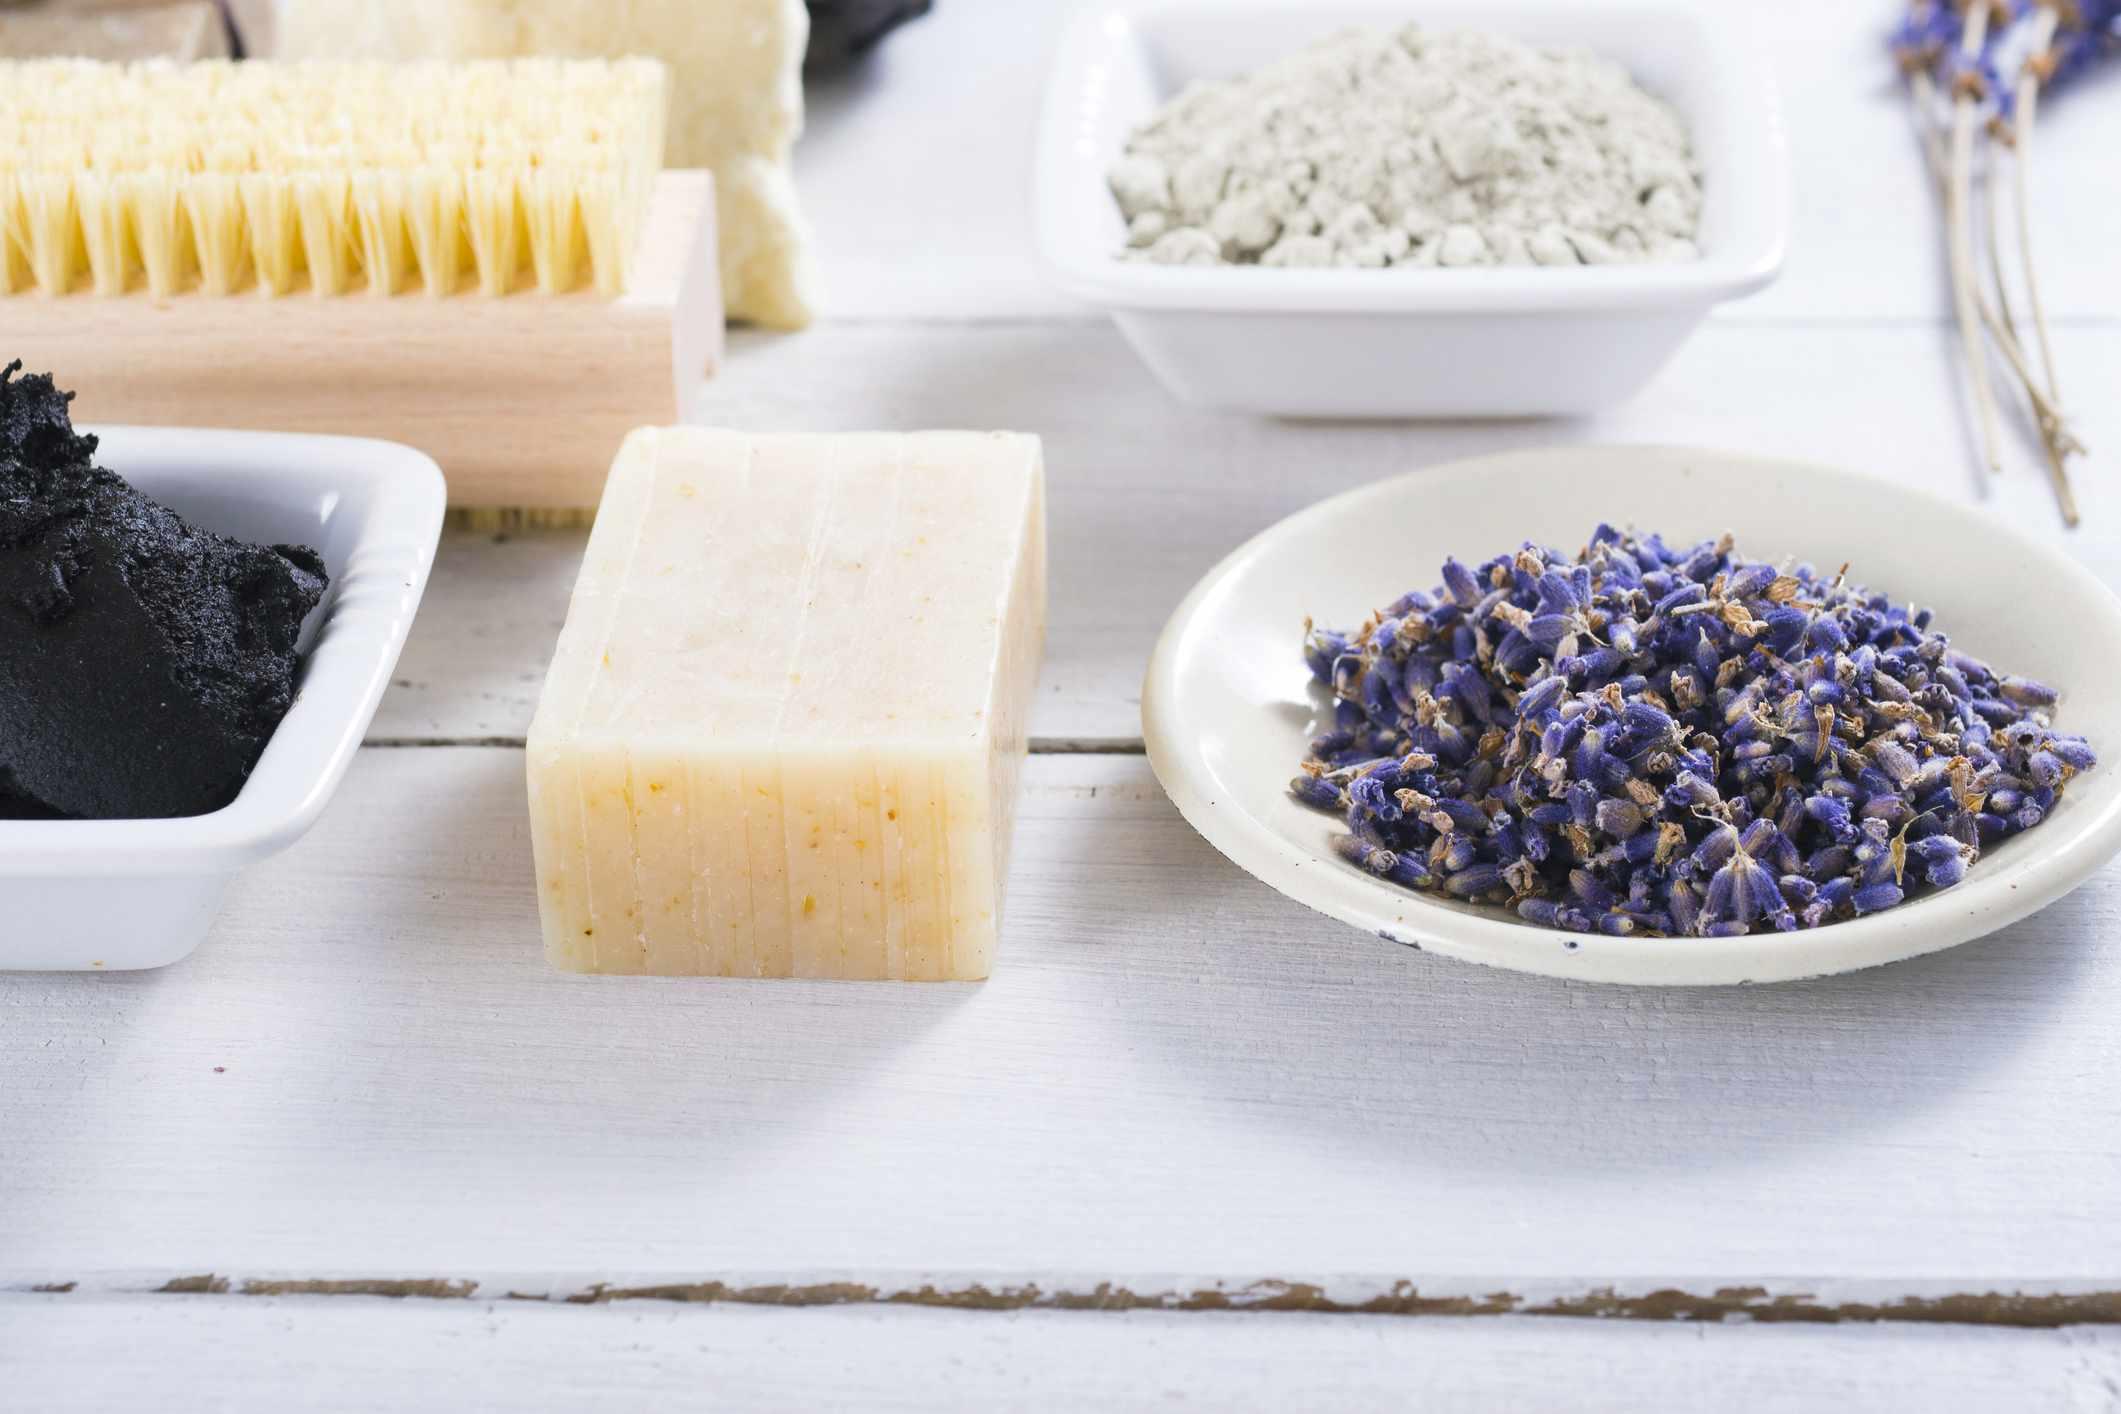 Homemade shampoo bar next to dried lavender